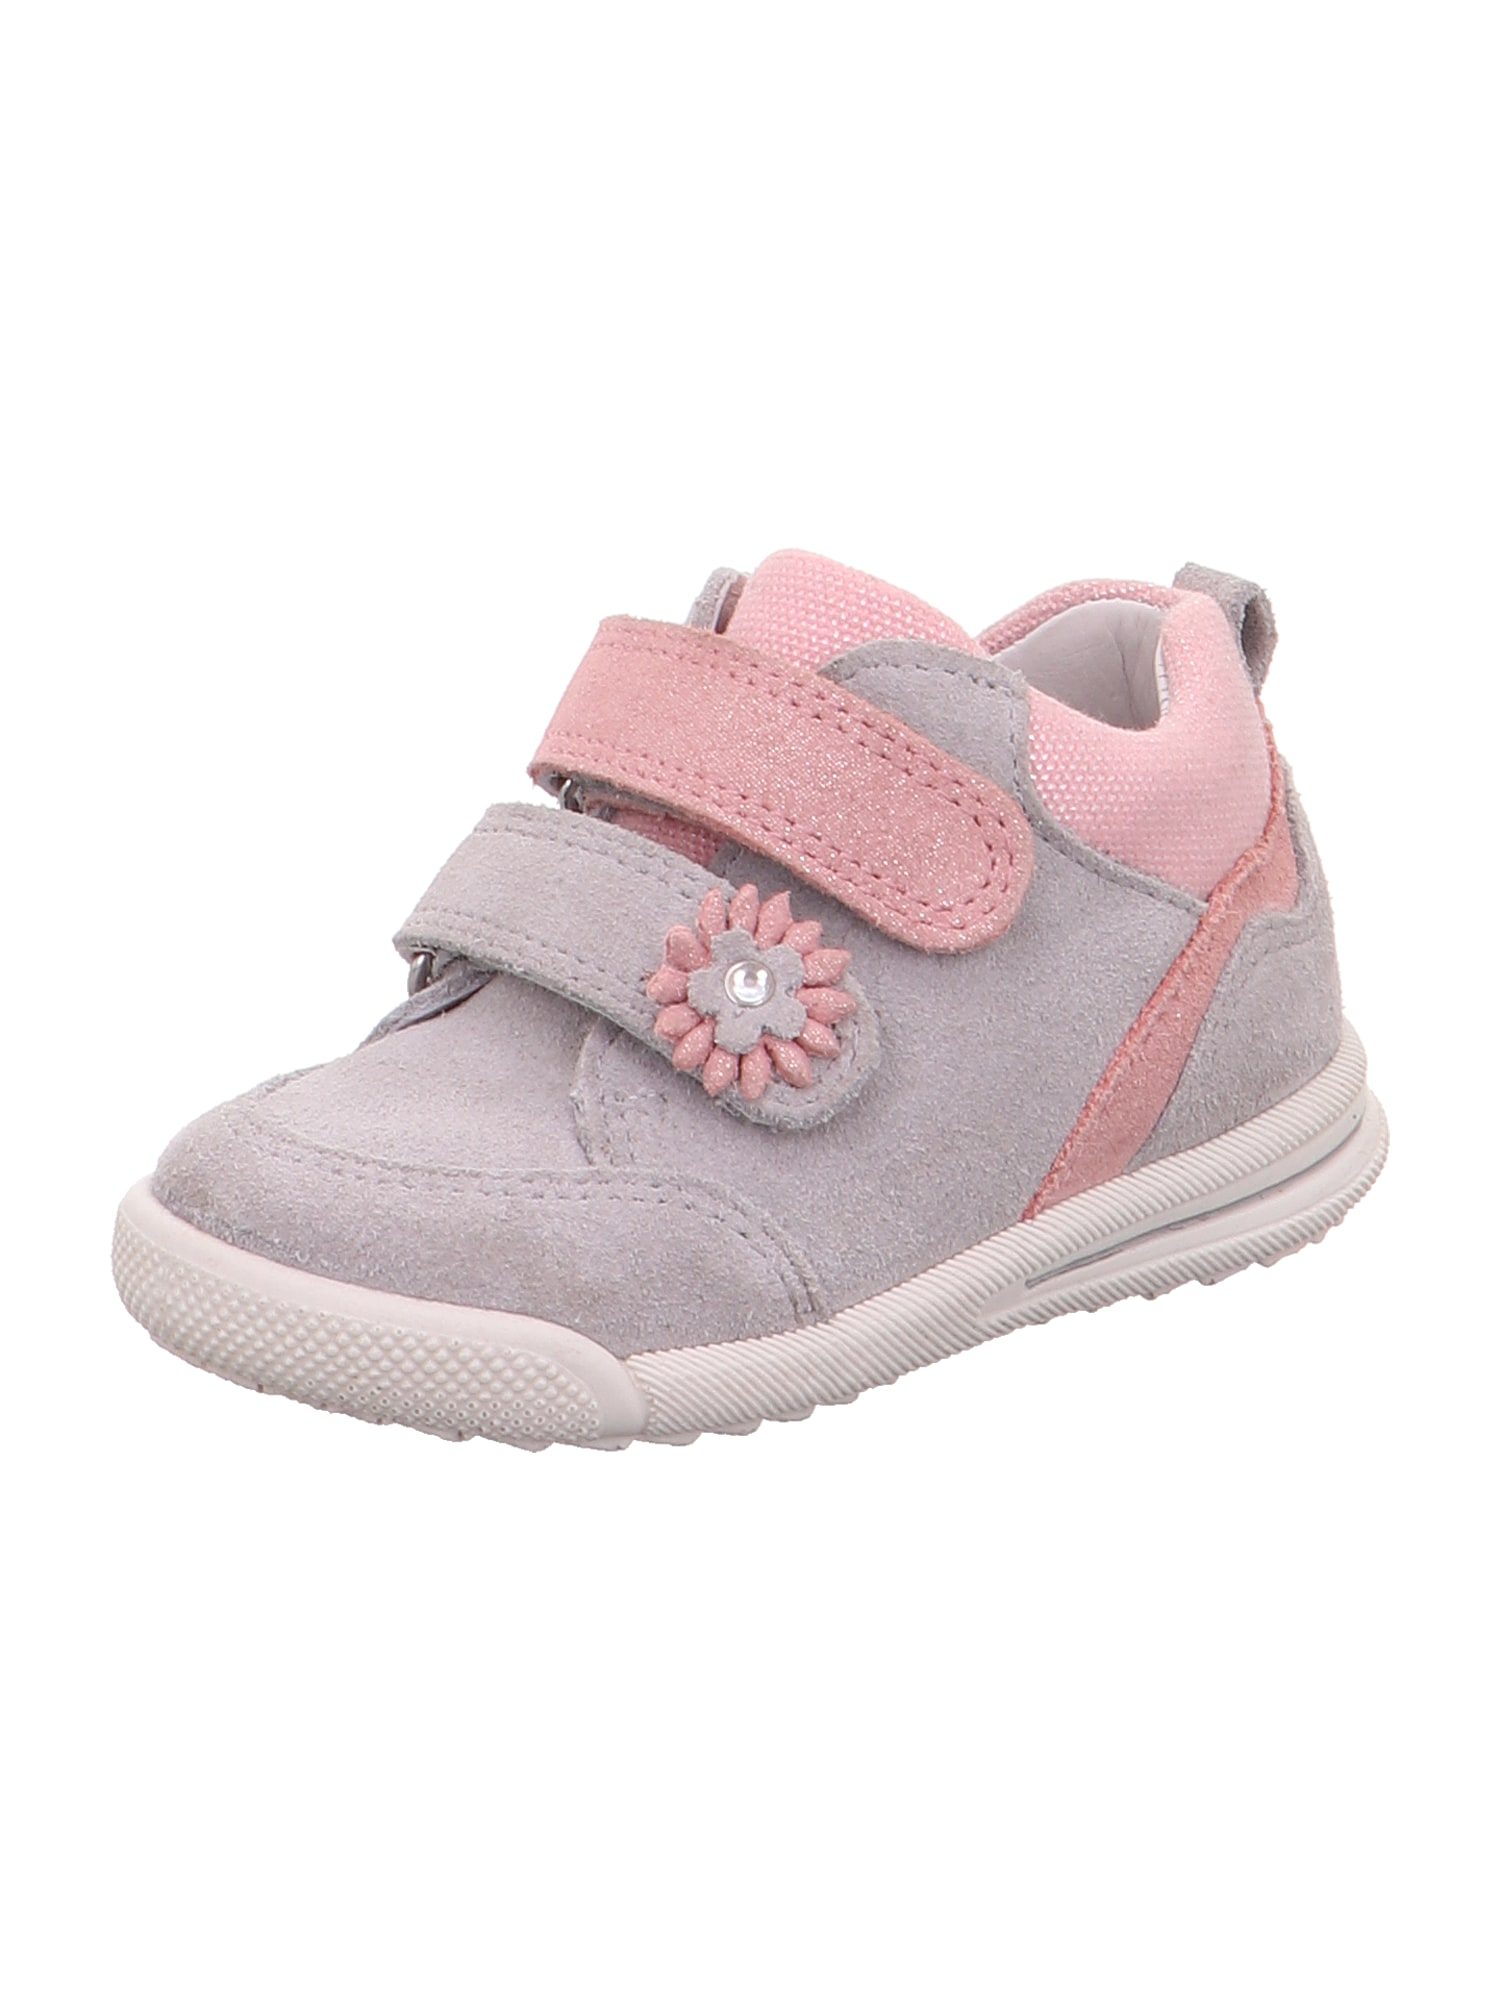 SUPERFIT Pirmieji vaiko vaikščiojimo bateliai 'Avrile' šviesiai pilka / rožių spalva